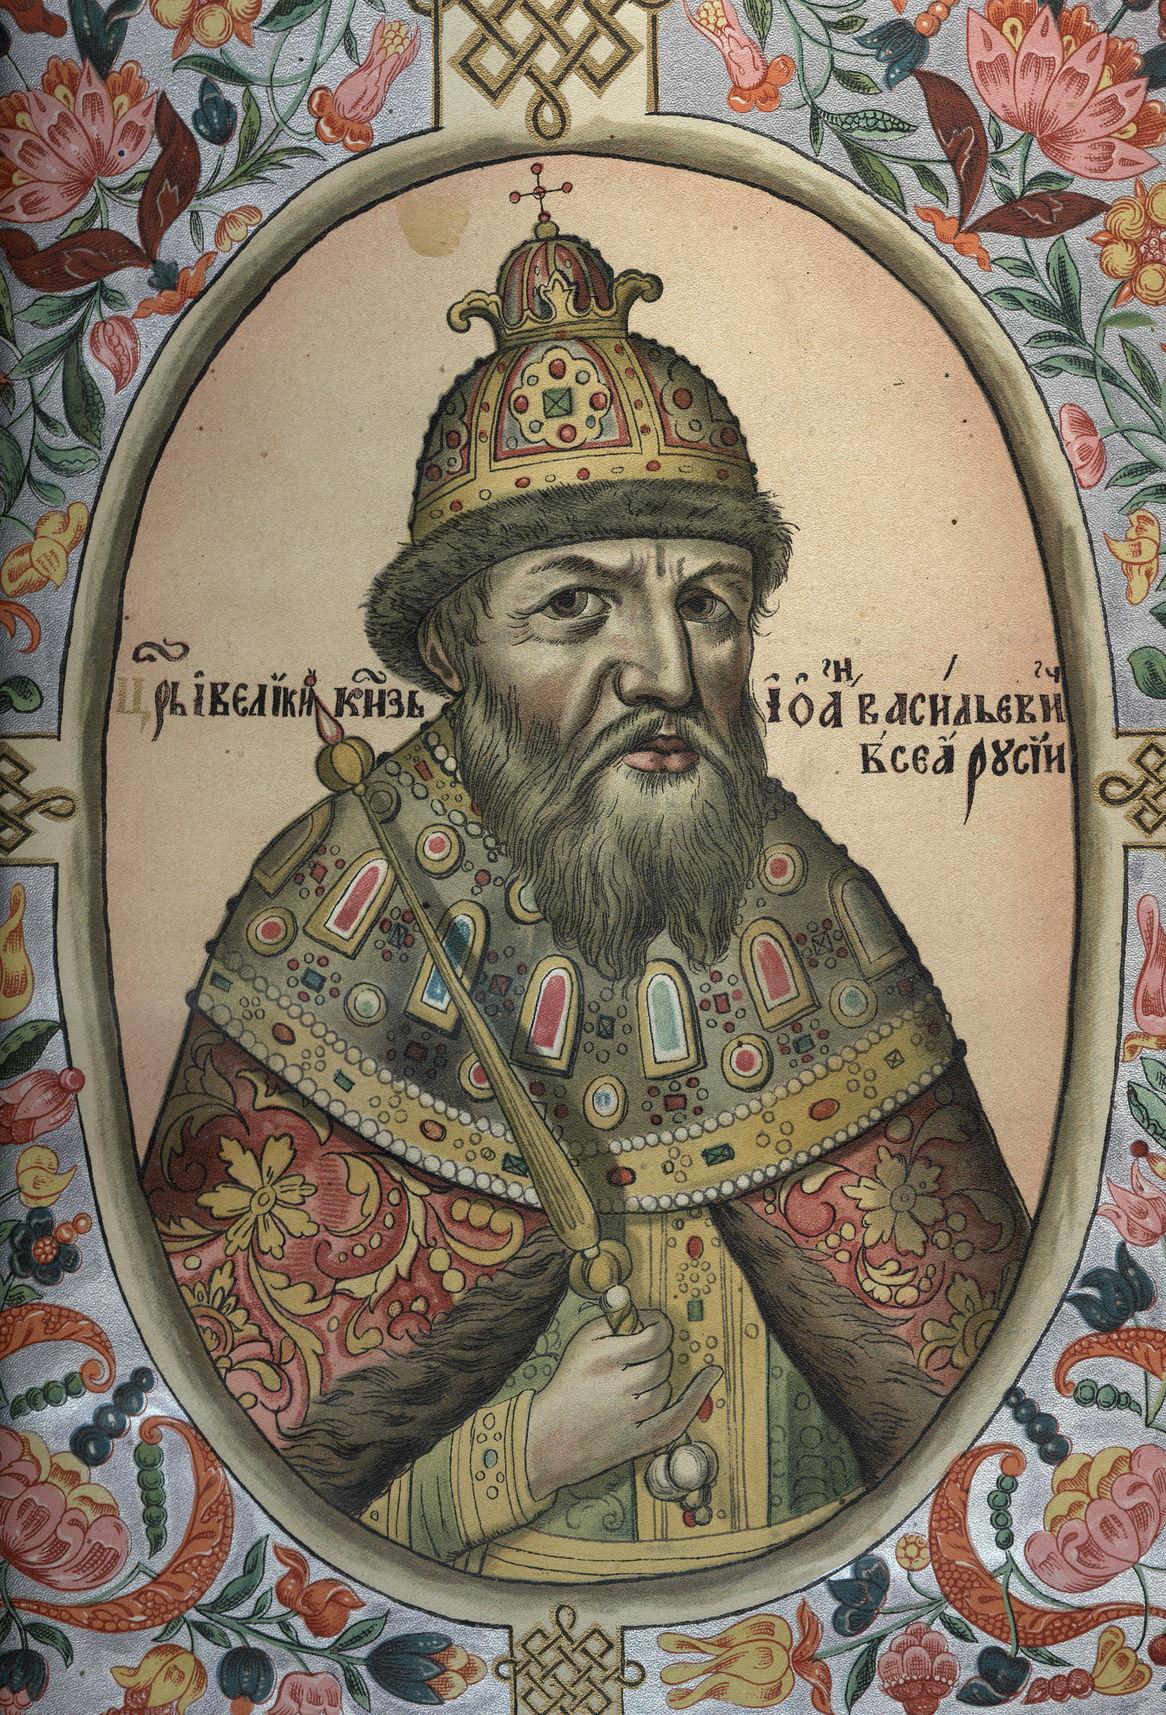 Портрет царя Ивана IV Васильевича. Титулярник